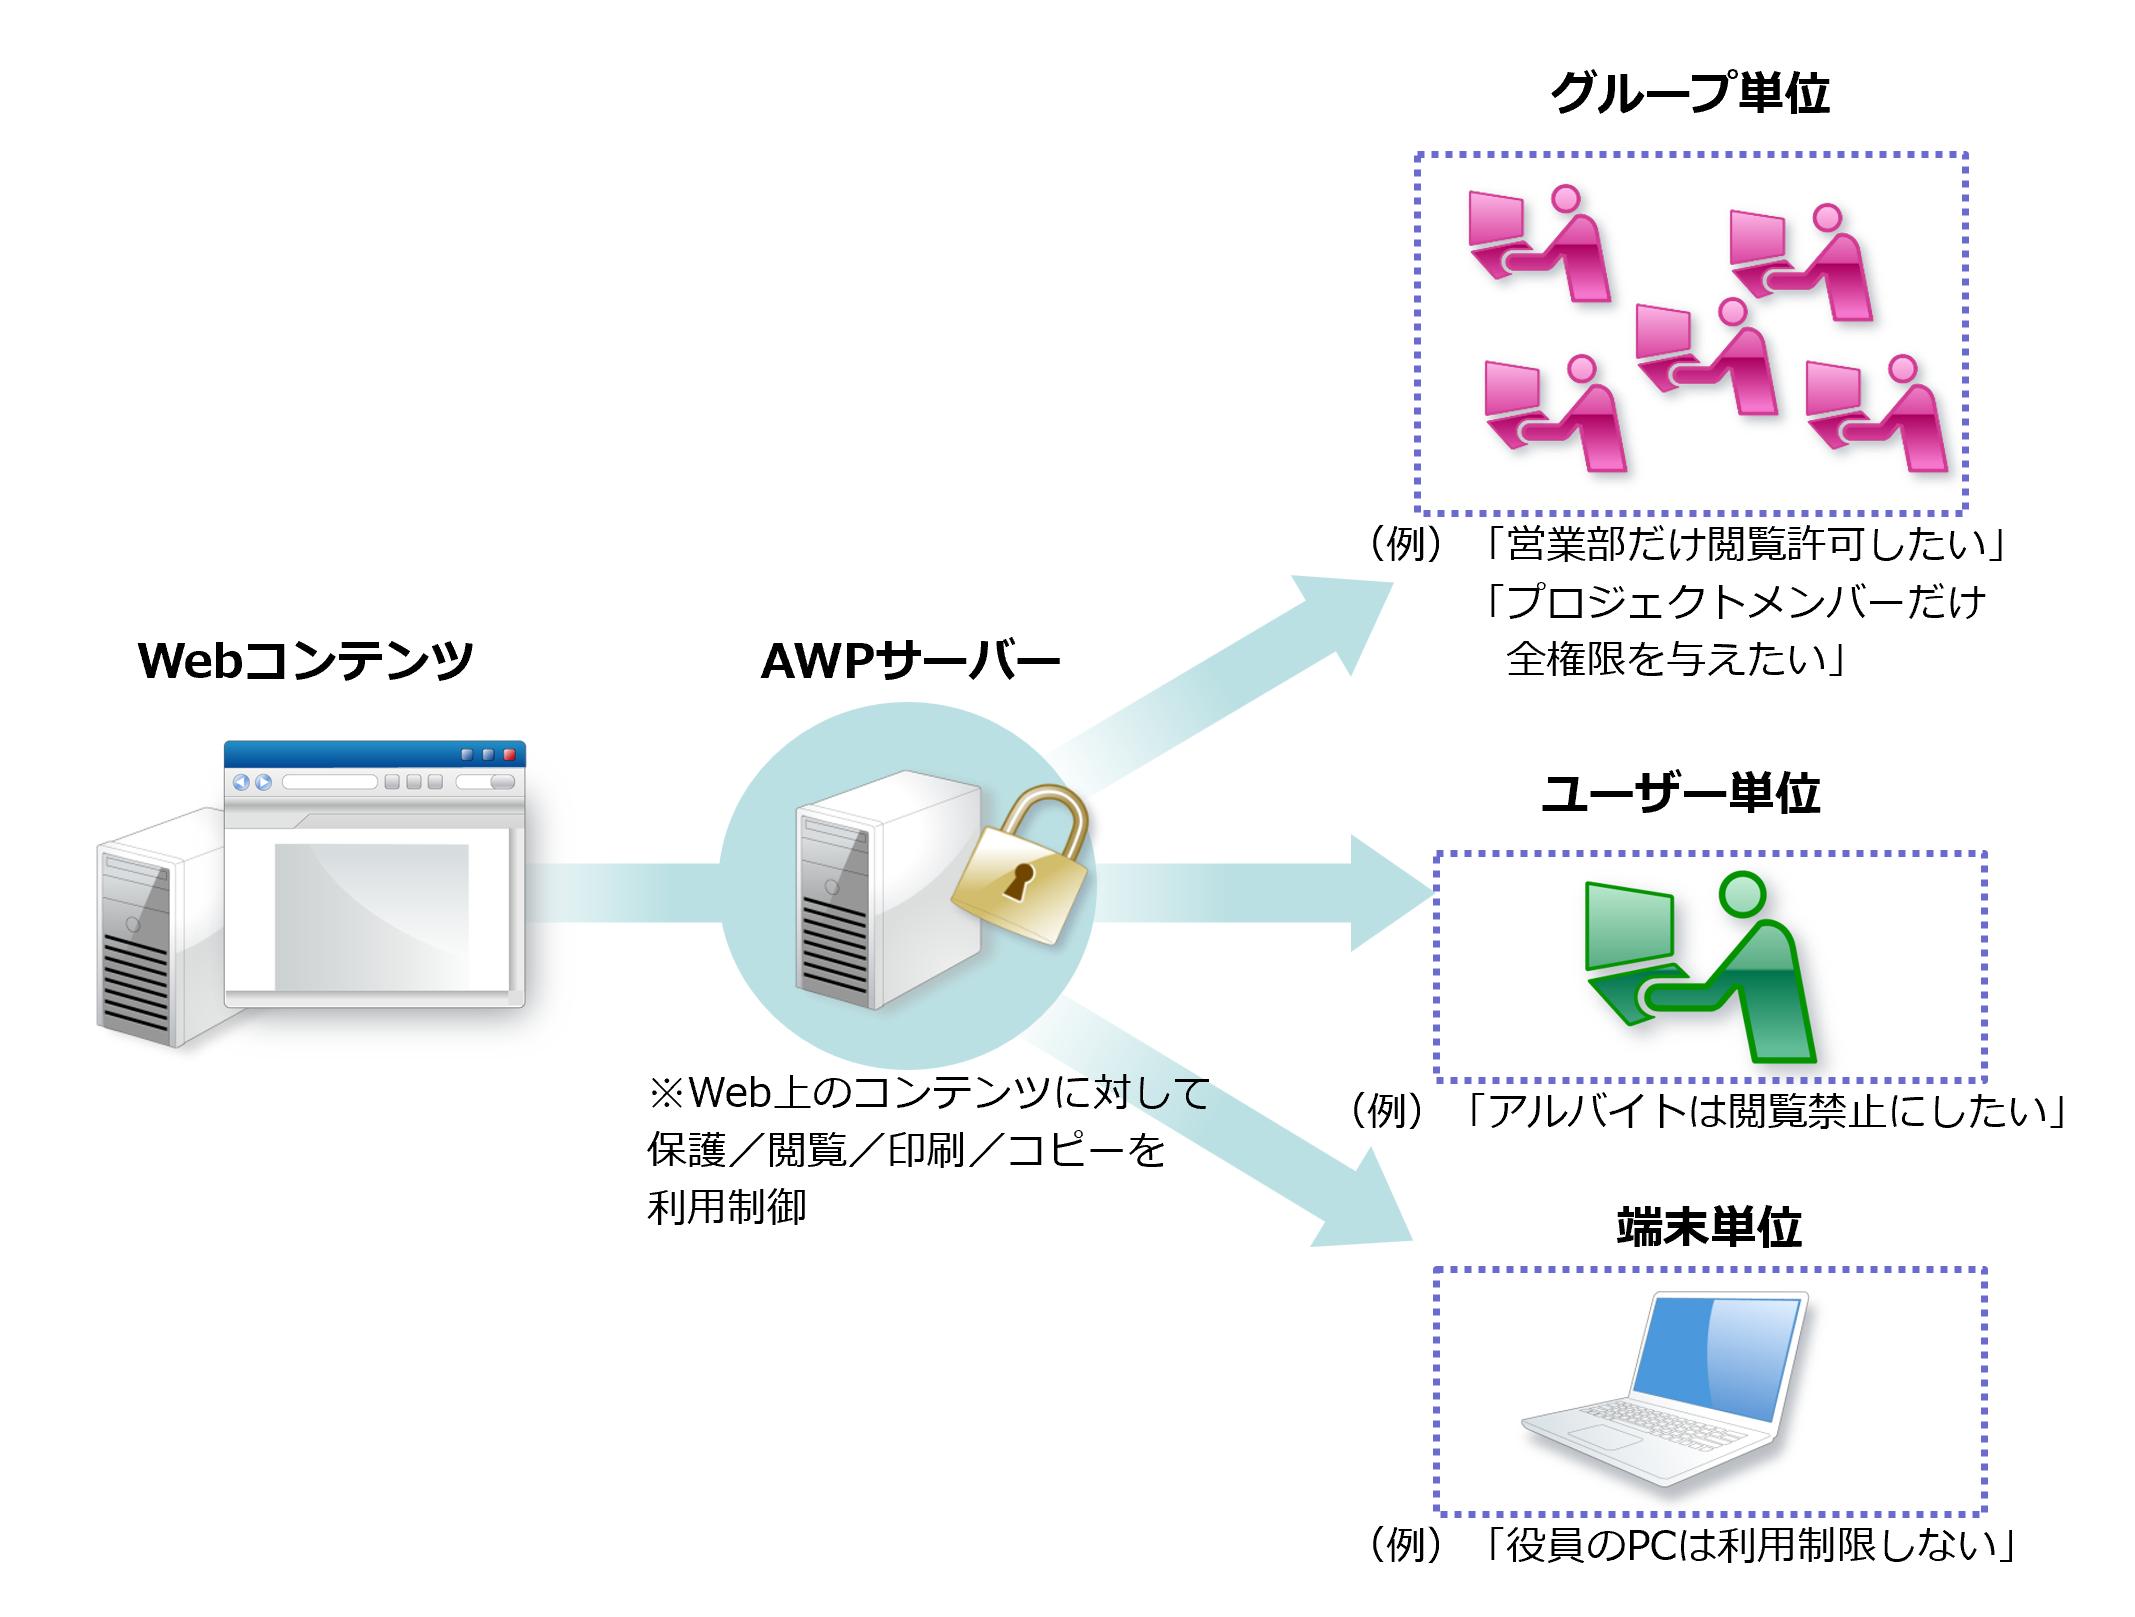 共有コンテンツの利用を、部署/利用者/端末単位で制御可能